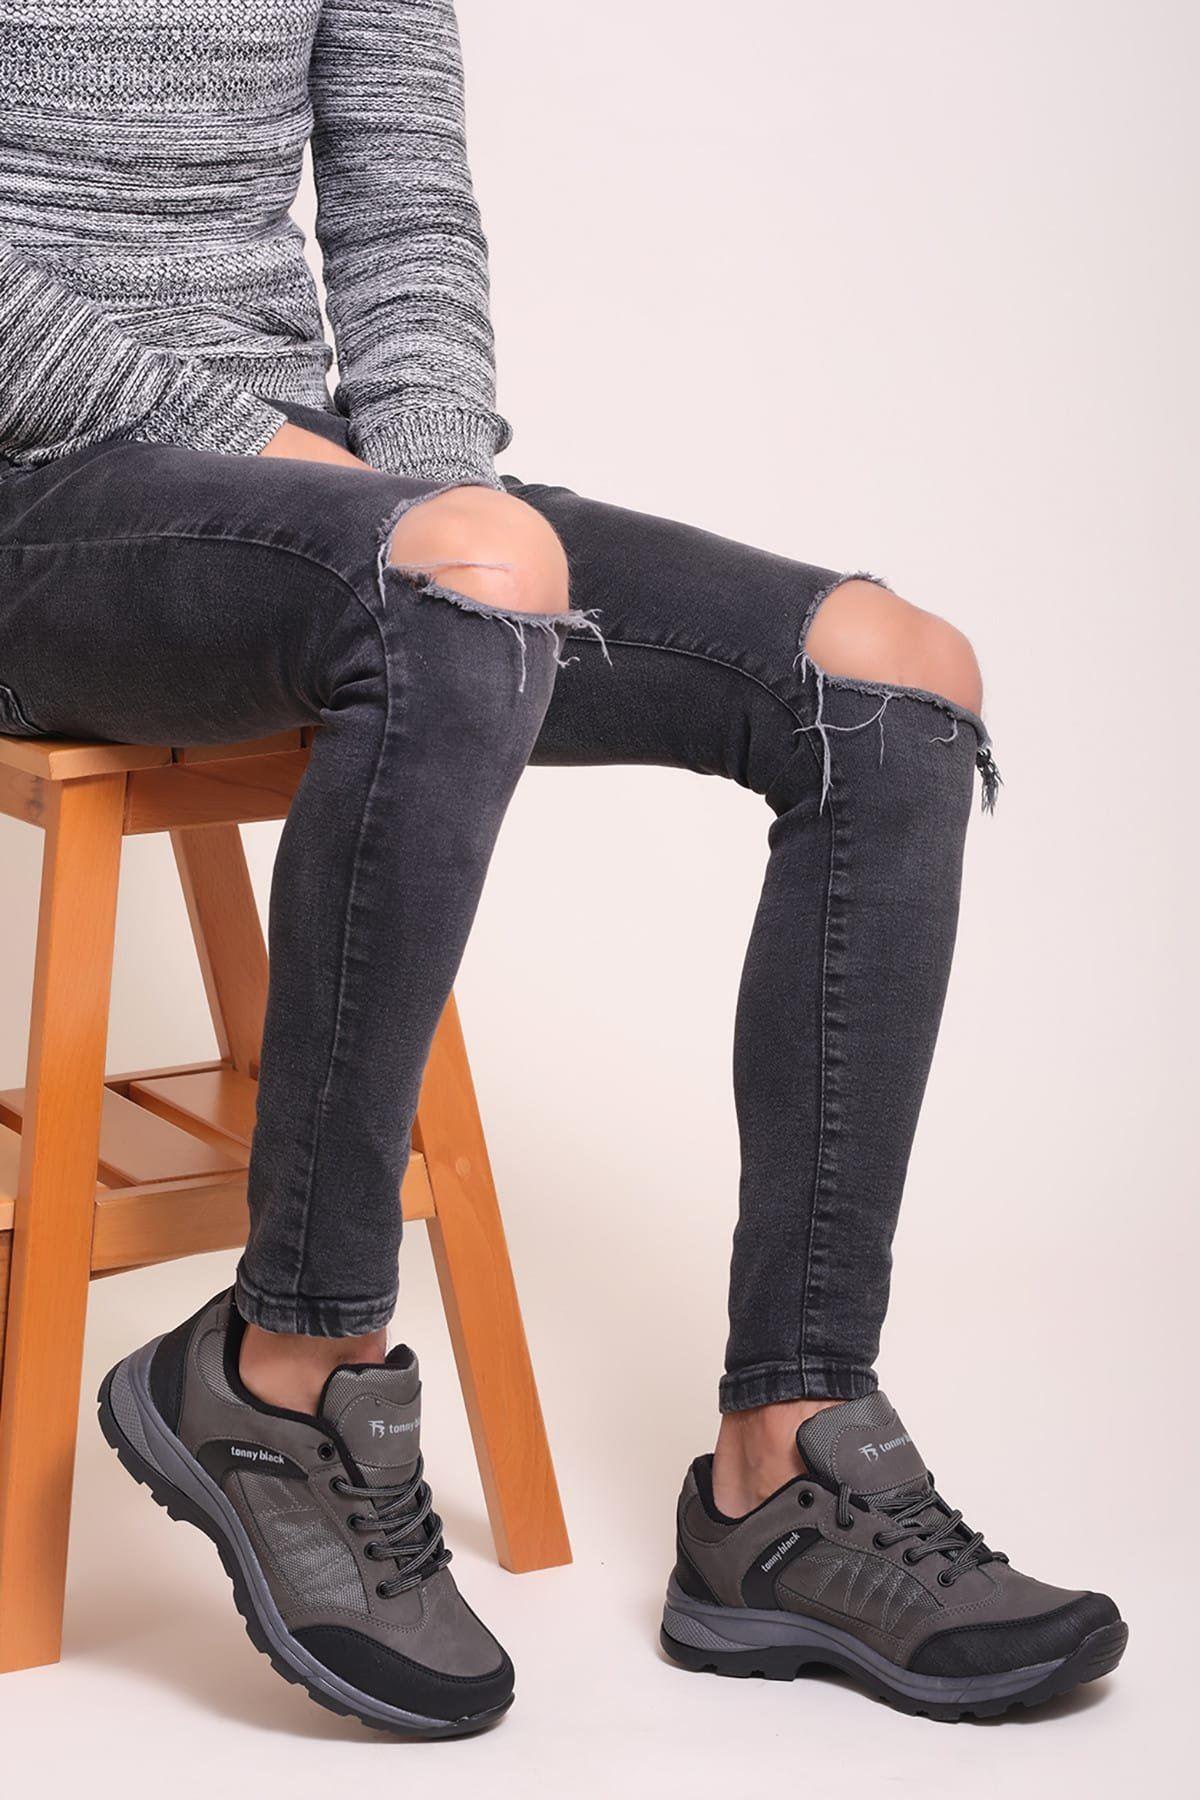 Füme Erkek Outdoor Ayakkabı